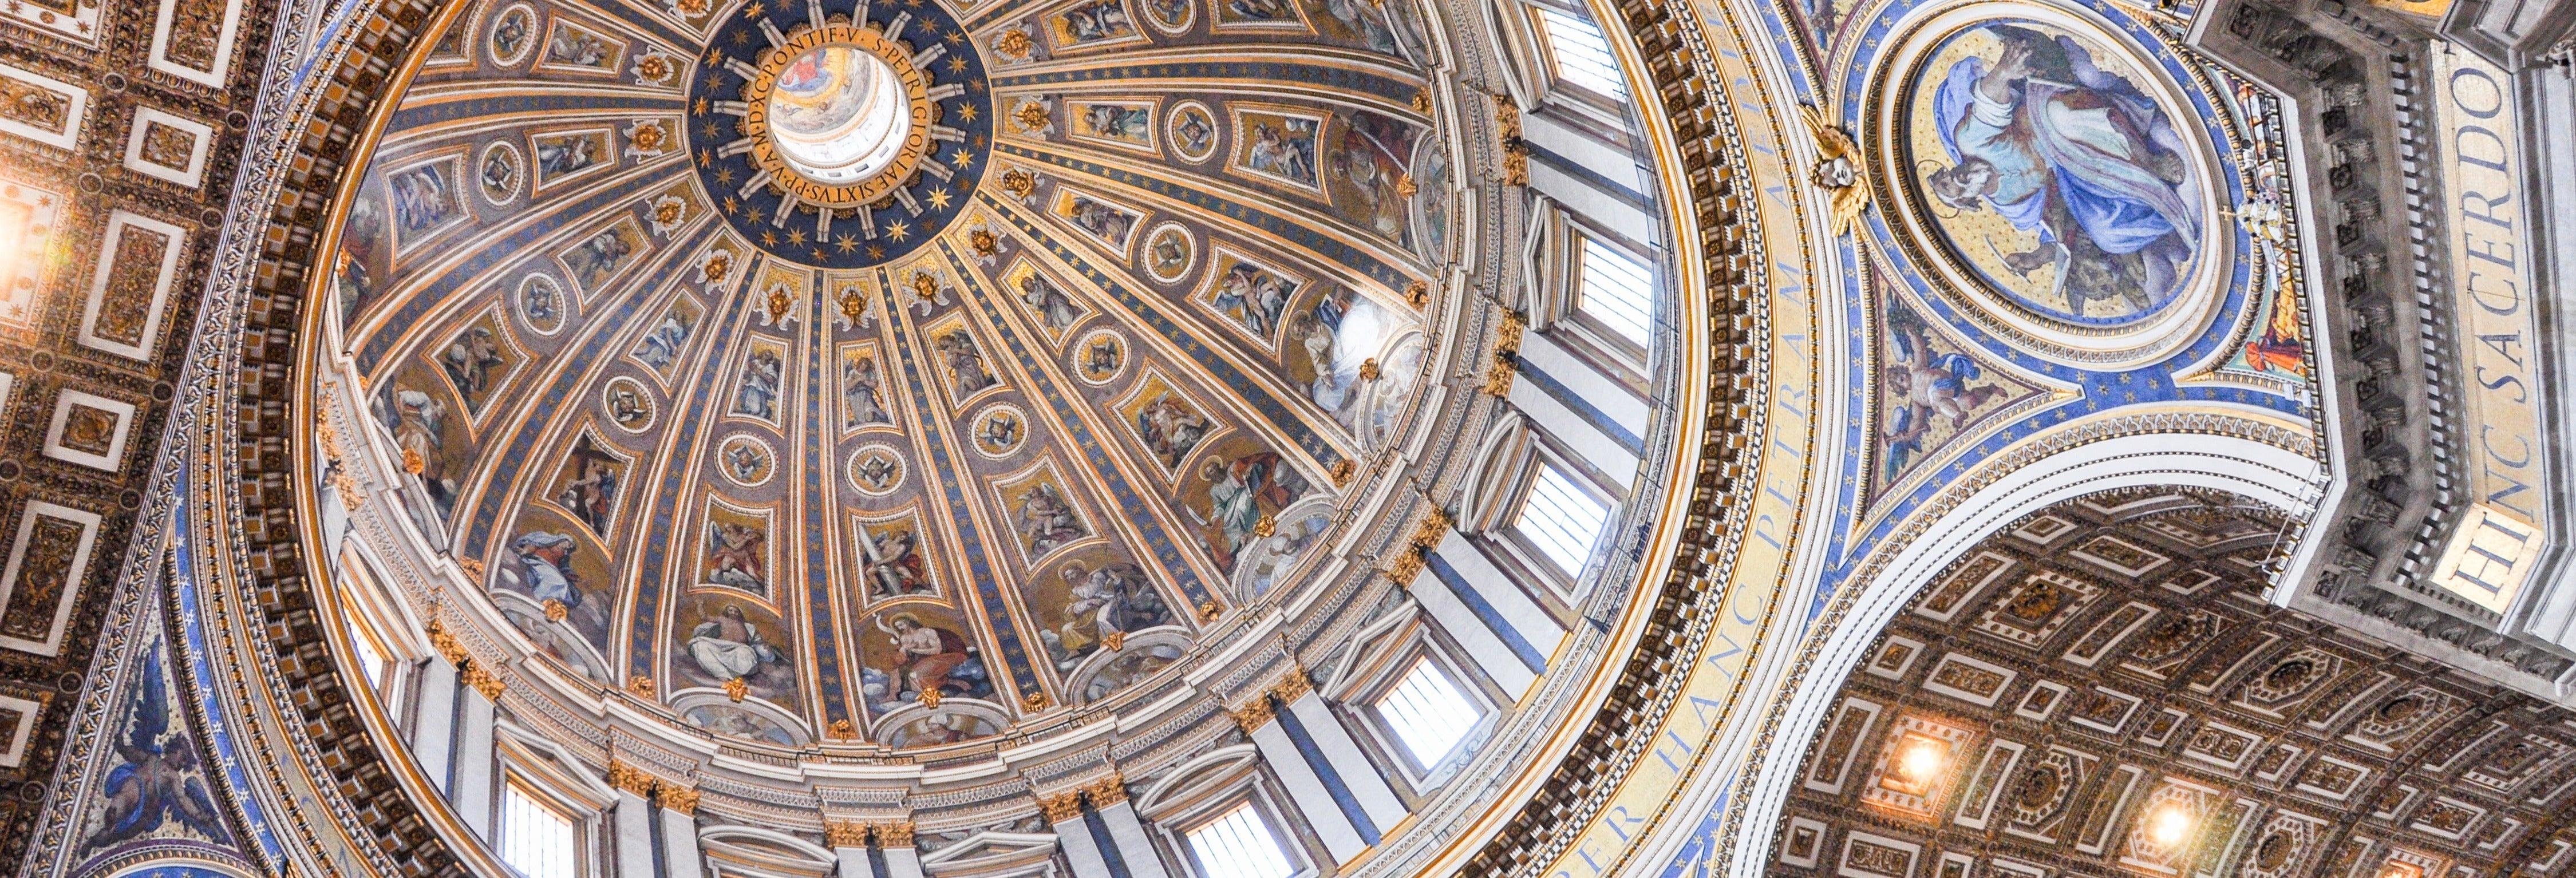 Visita guiada pela Basílica de São Pedro